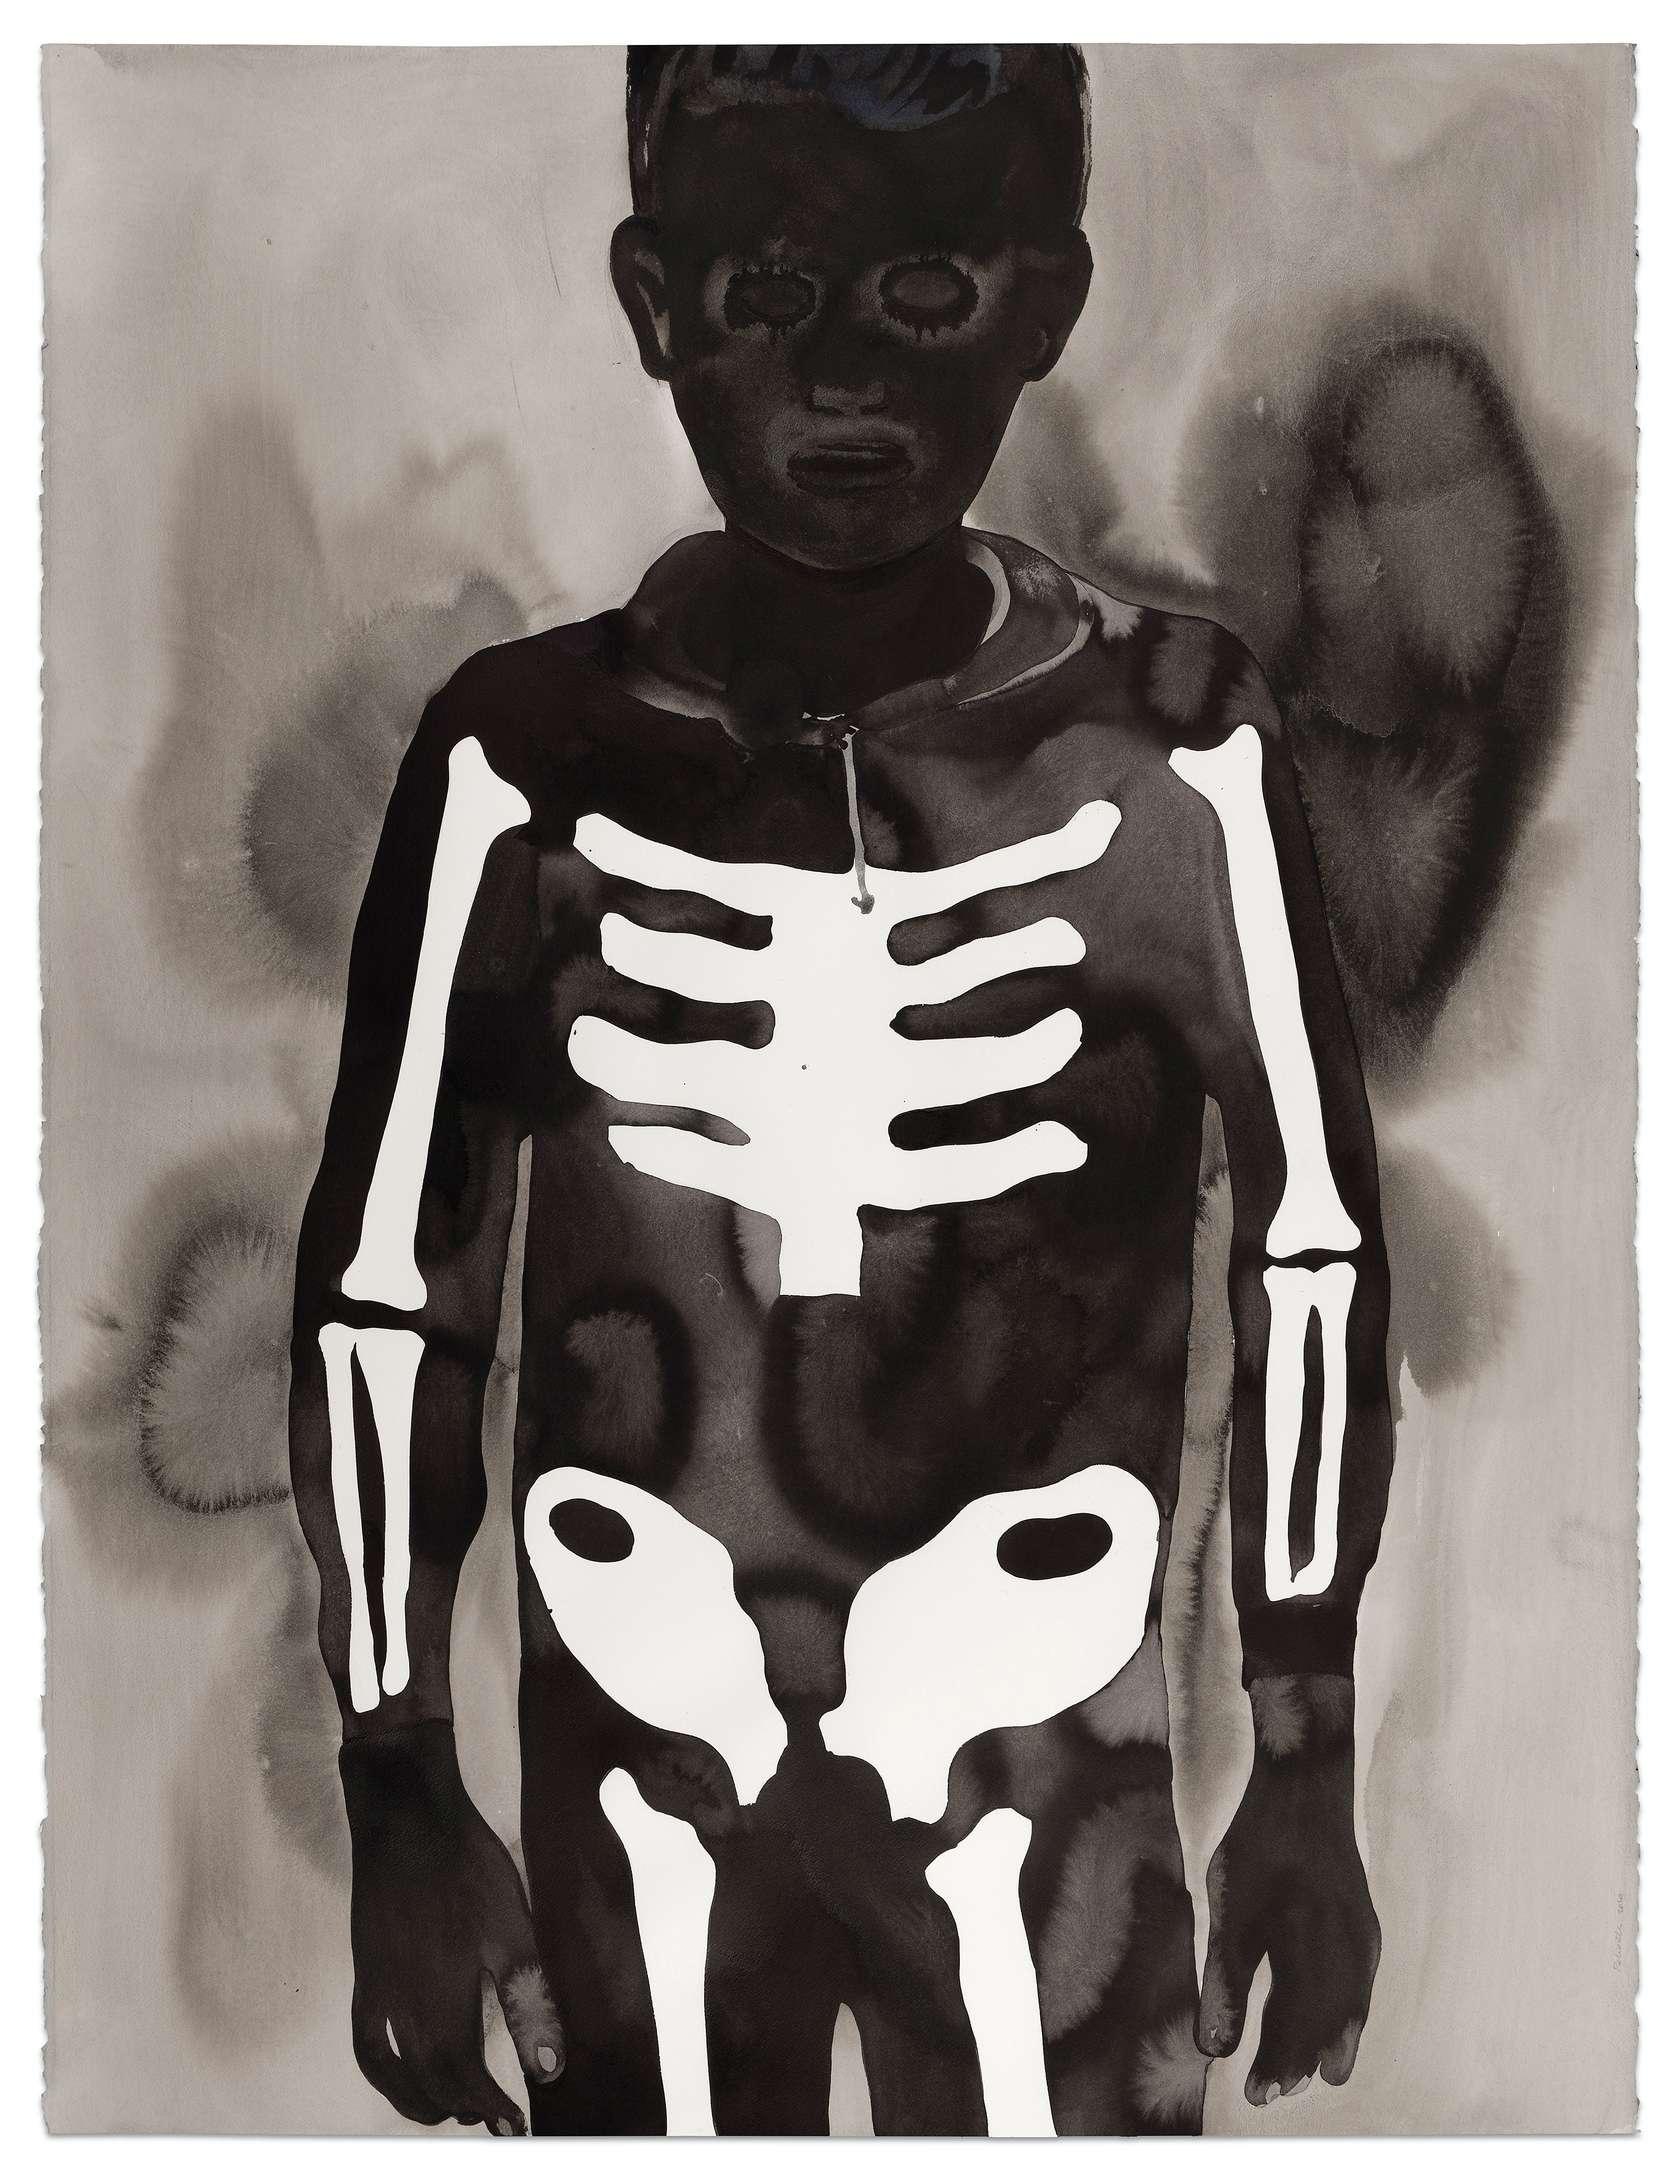 Françoise Pétrovitch, Garçon au squelette, 2020 Lavis d'encre sur papier160 × 120 cm / 63  × 47 2/8 in. | 175 × 137 × 4.5 cm / 68 7/8 × 53 7/8 × 1 6/8 in. (encadré/framed)